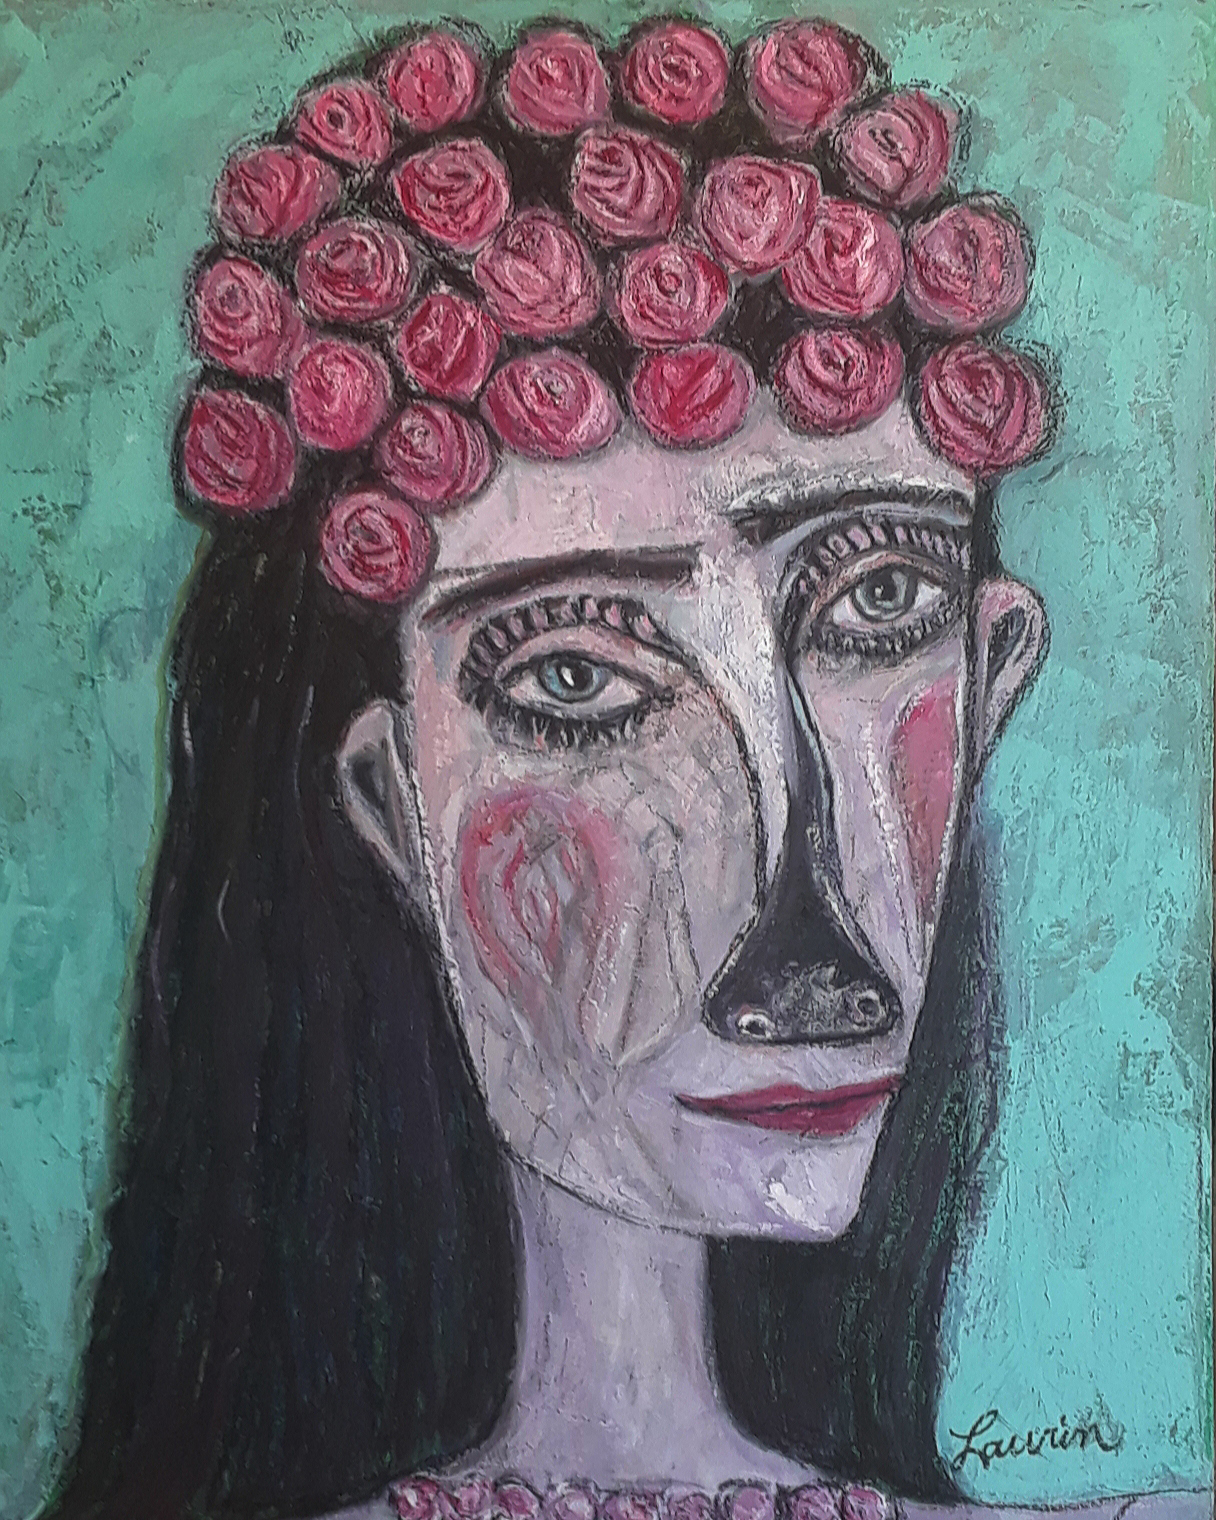 La tête en roses